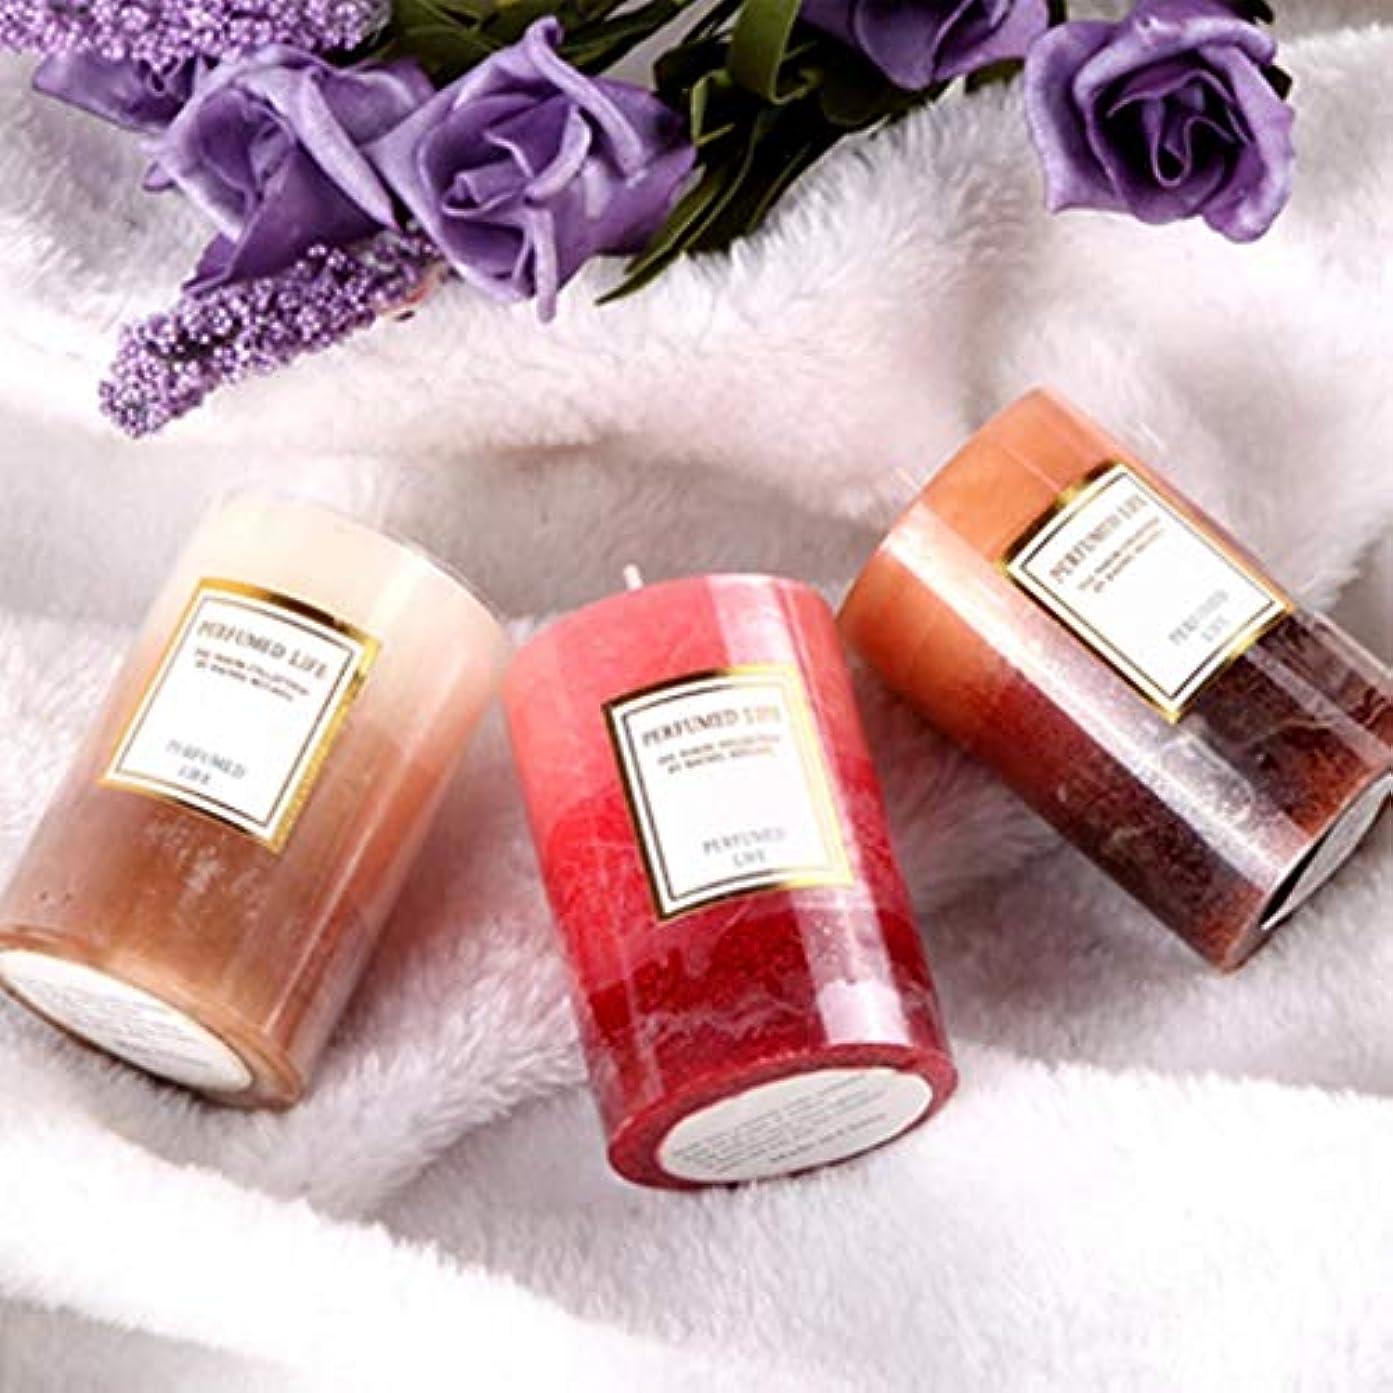 要件なに交流するラオハオ アロマキャンドルホーム植物大豆ワックス無煙香りロマンチック燃焼20時間3ピース 屋内アロマセラピー (Color : Mixed incense)